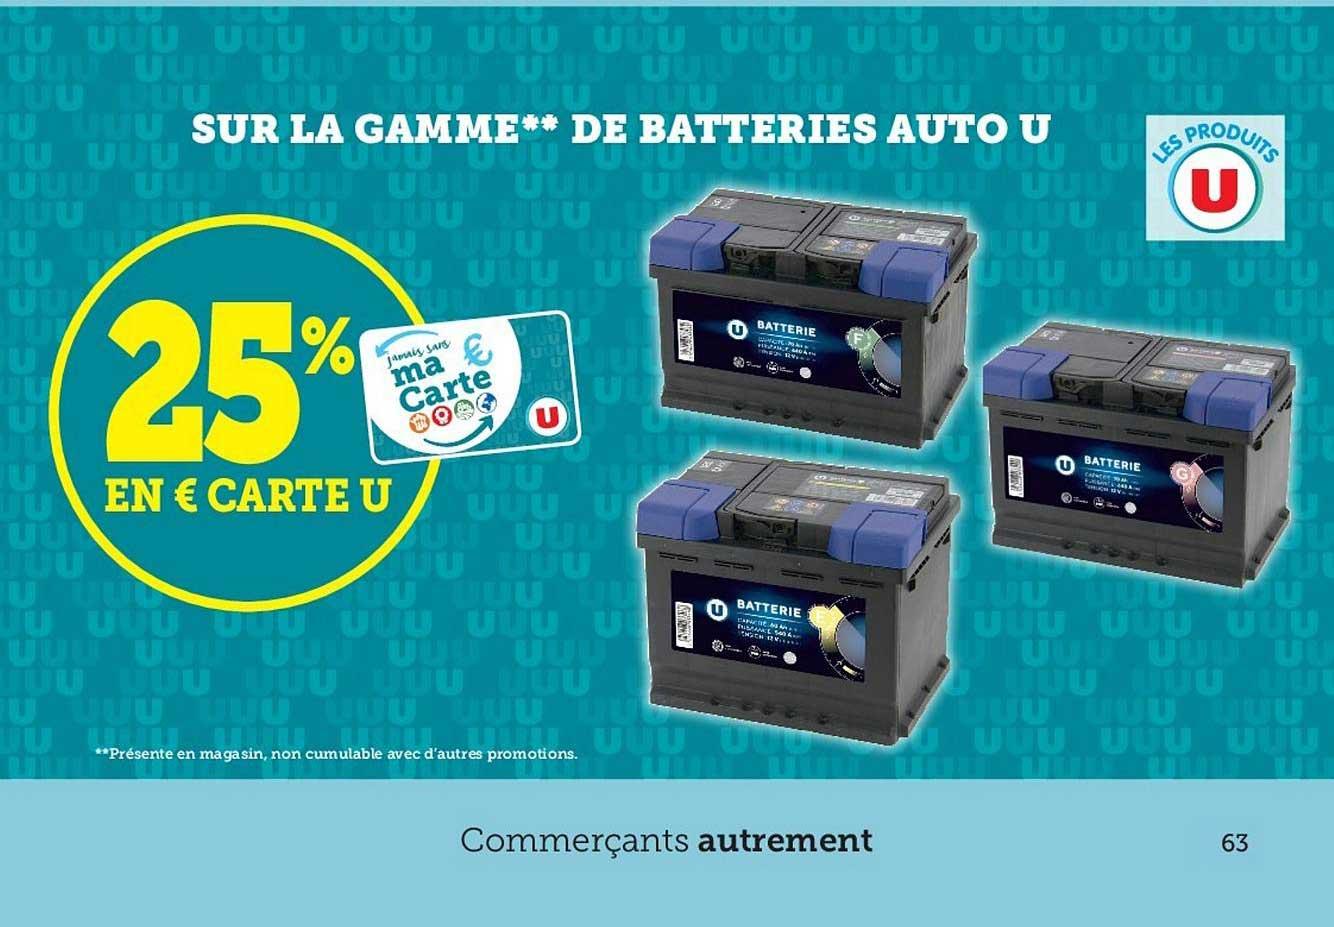 Hyper U La Gamme De Batteries Auto U